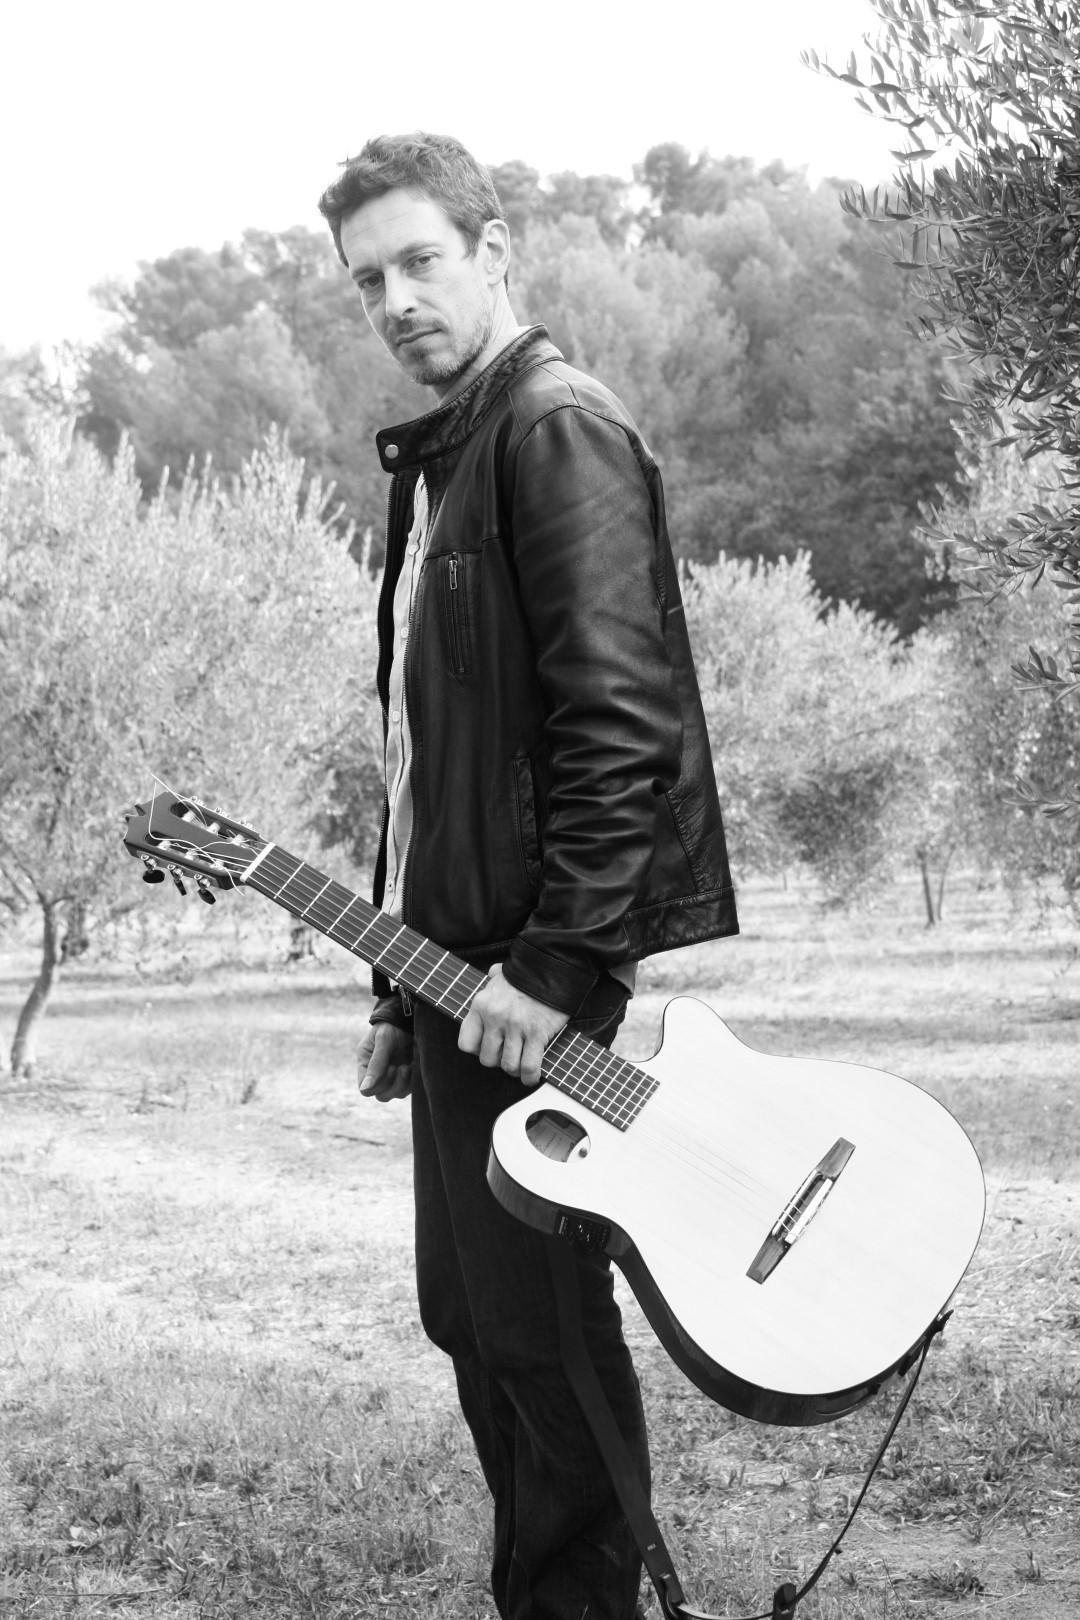 Dans le cadre des Rues en musique, le guitariste compositeur, Diego Lubrano réunit les terres brûlantes du flamenco vers les contrées lointaines du jazz